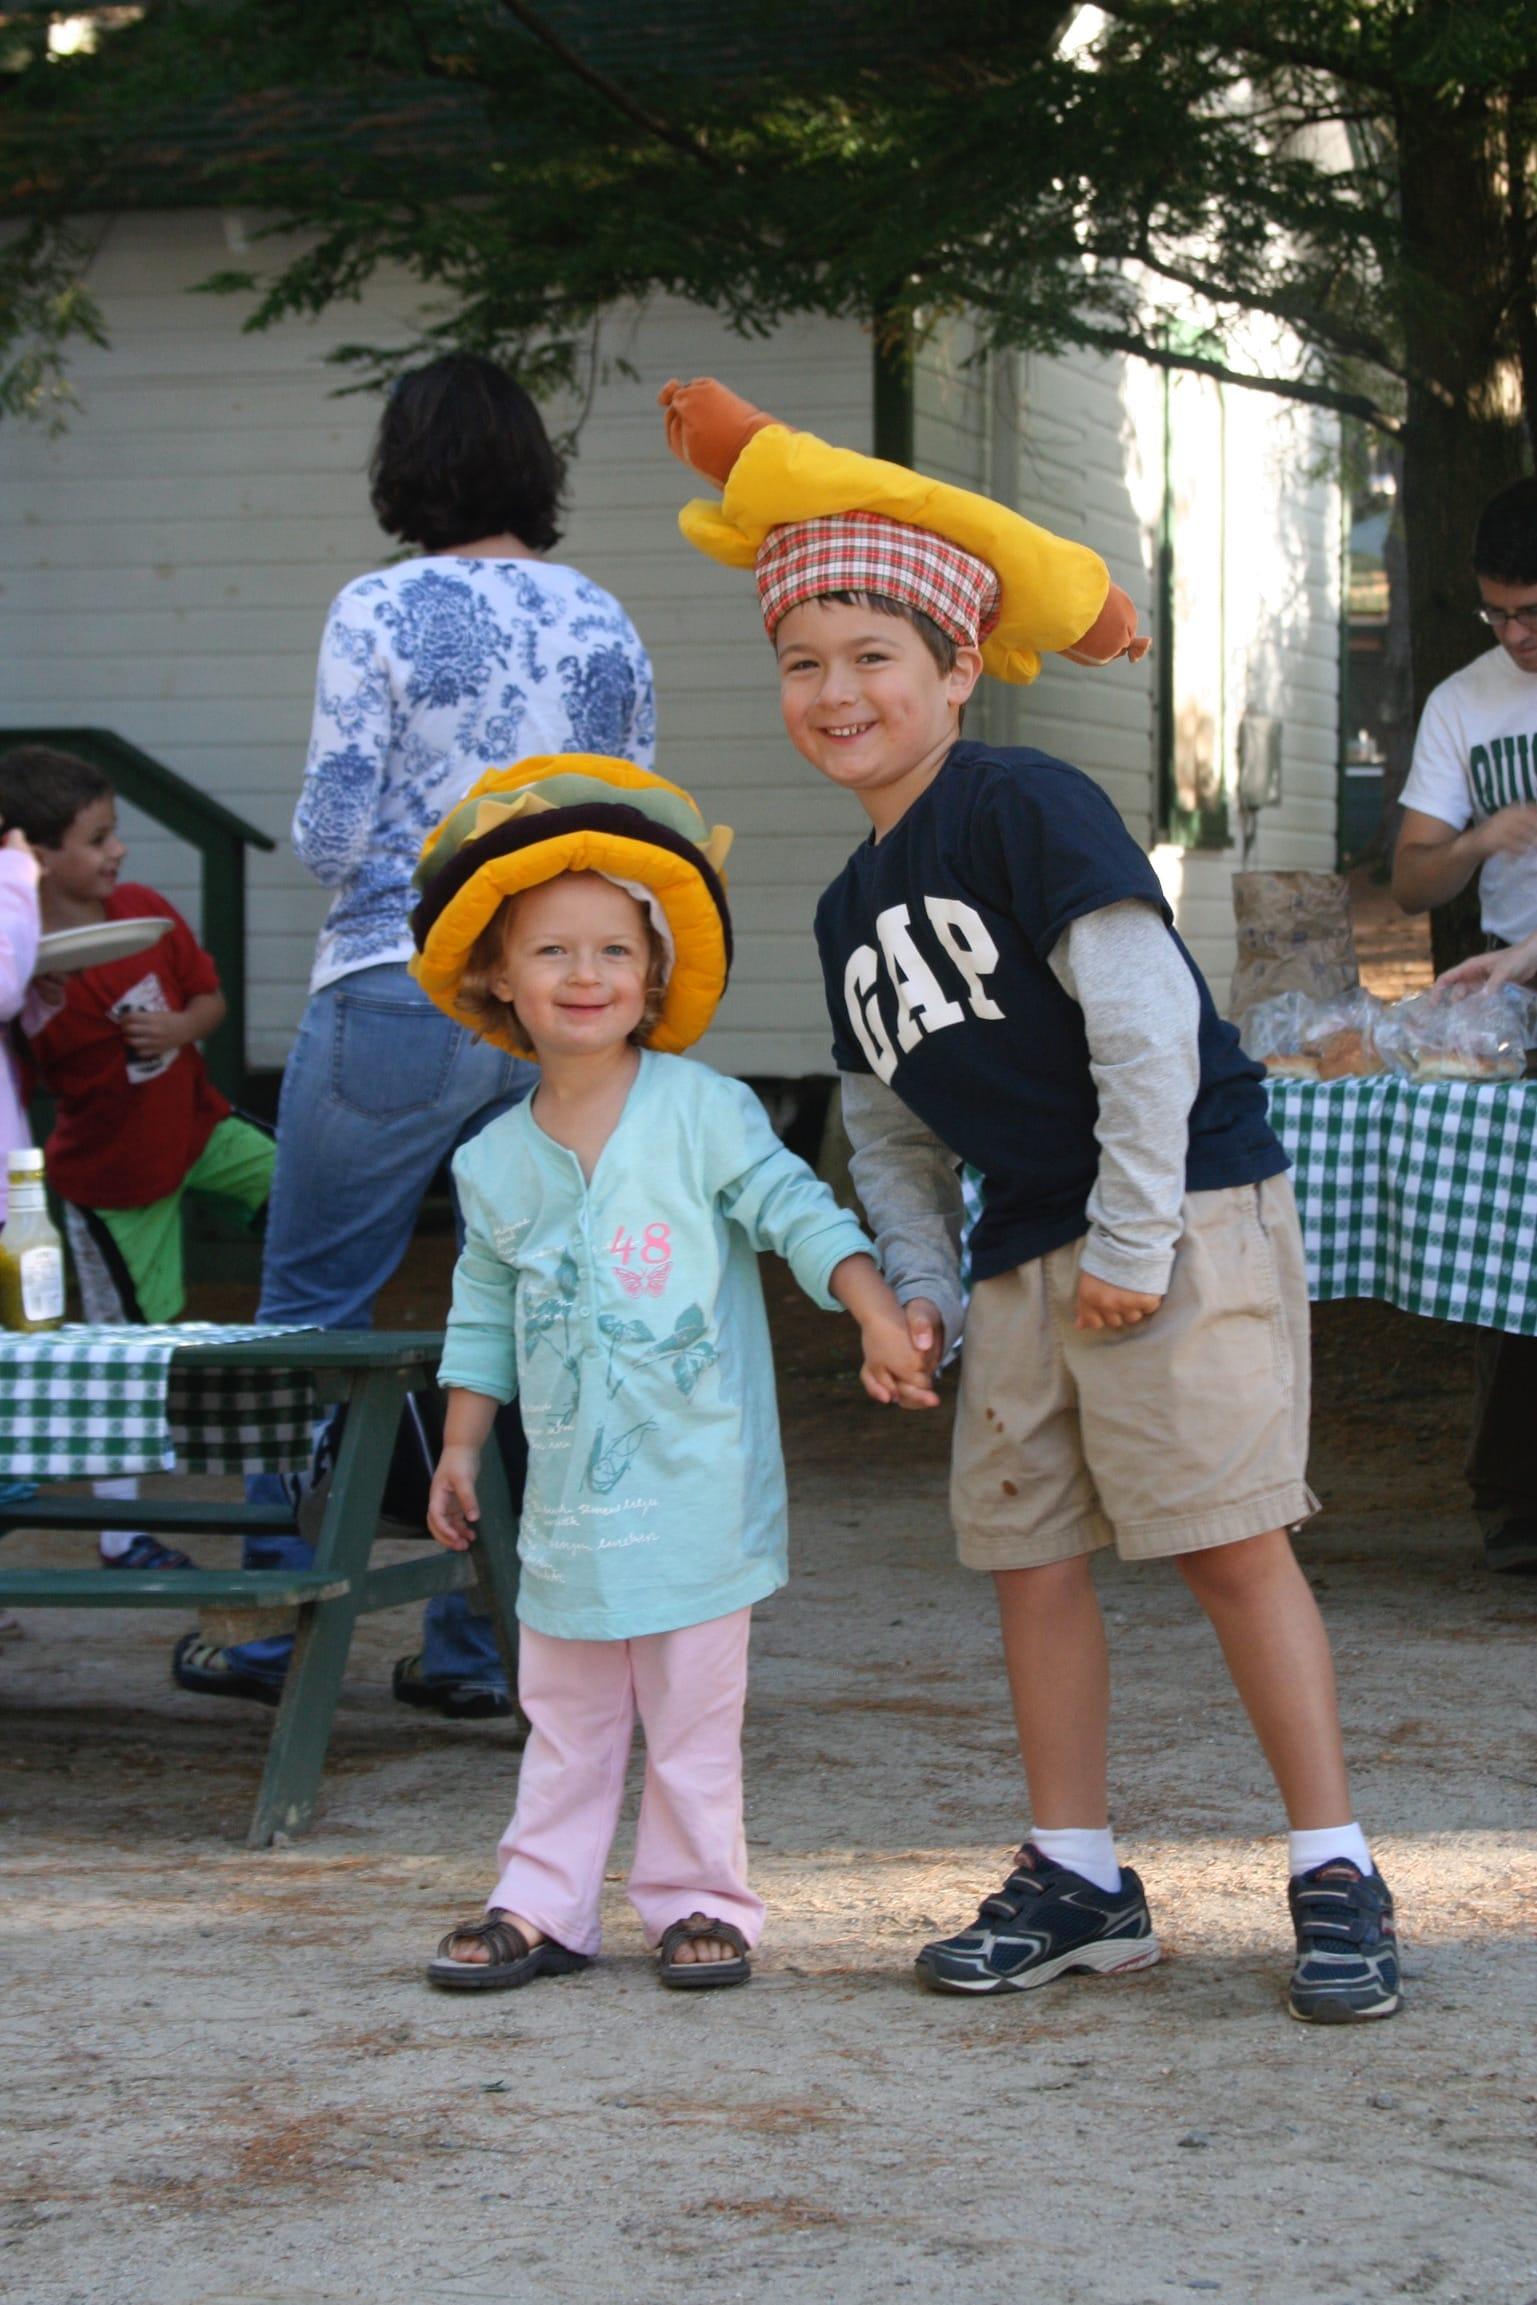 Boy and girl wearing hamburger and hotdog hats